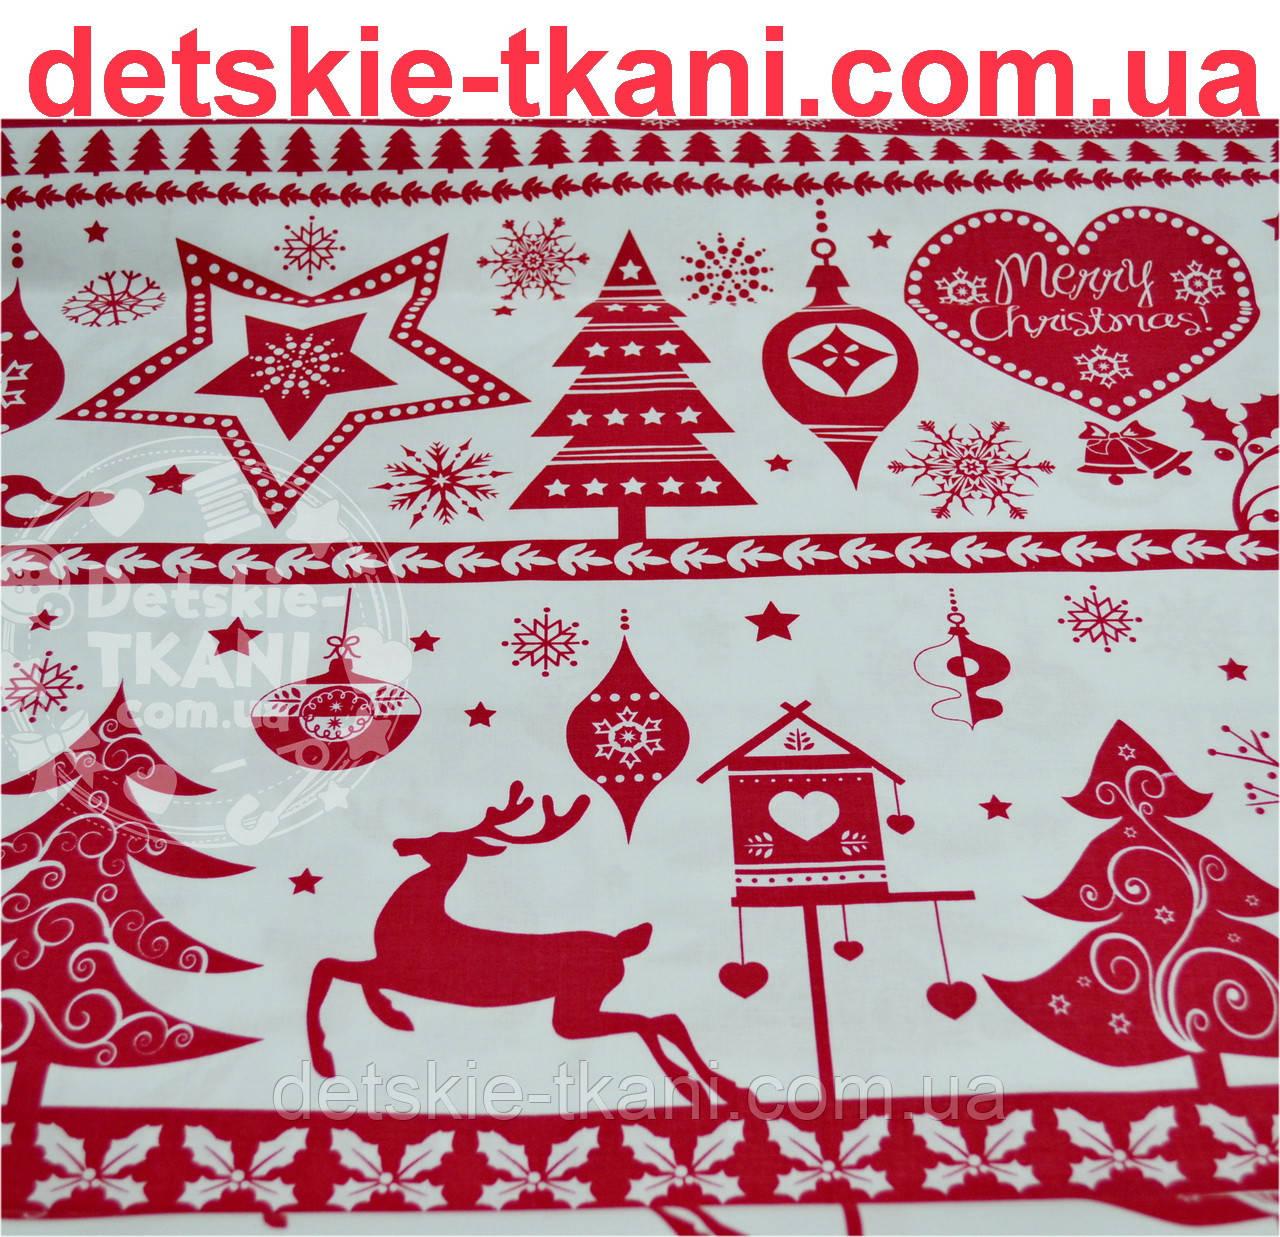 """Новогодняя ткань """"Merry Christmas"""" с красными полосками и узором № 456"""